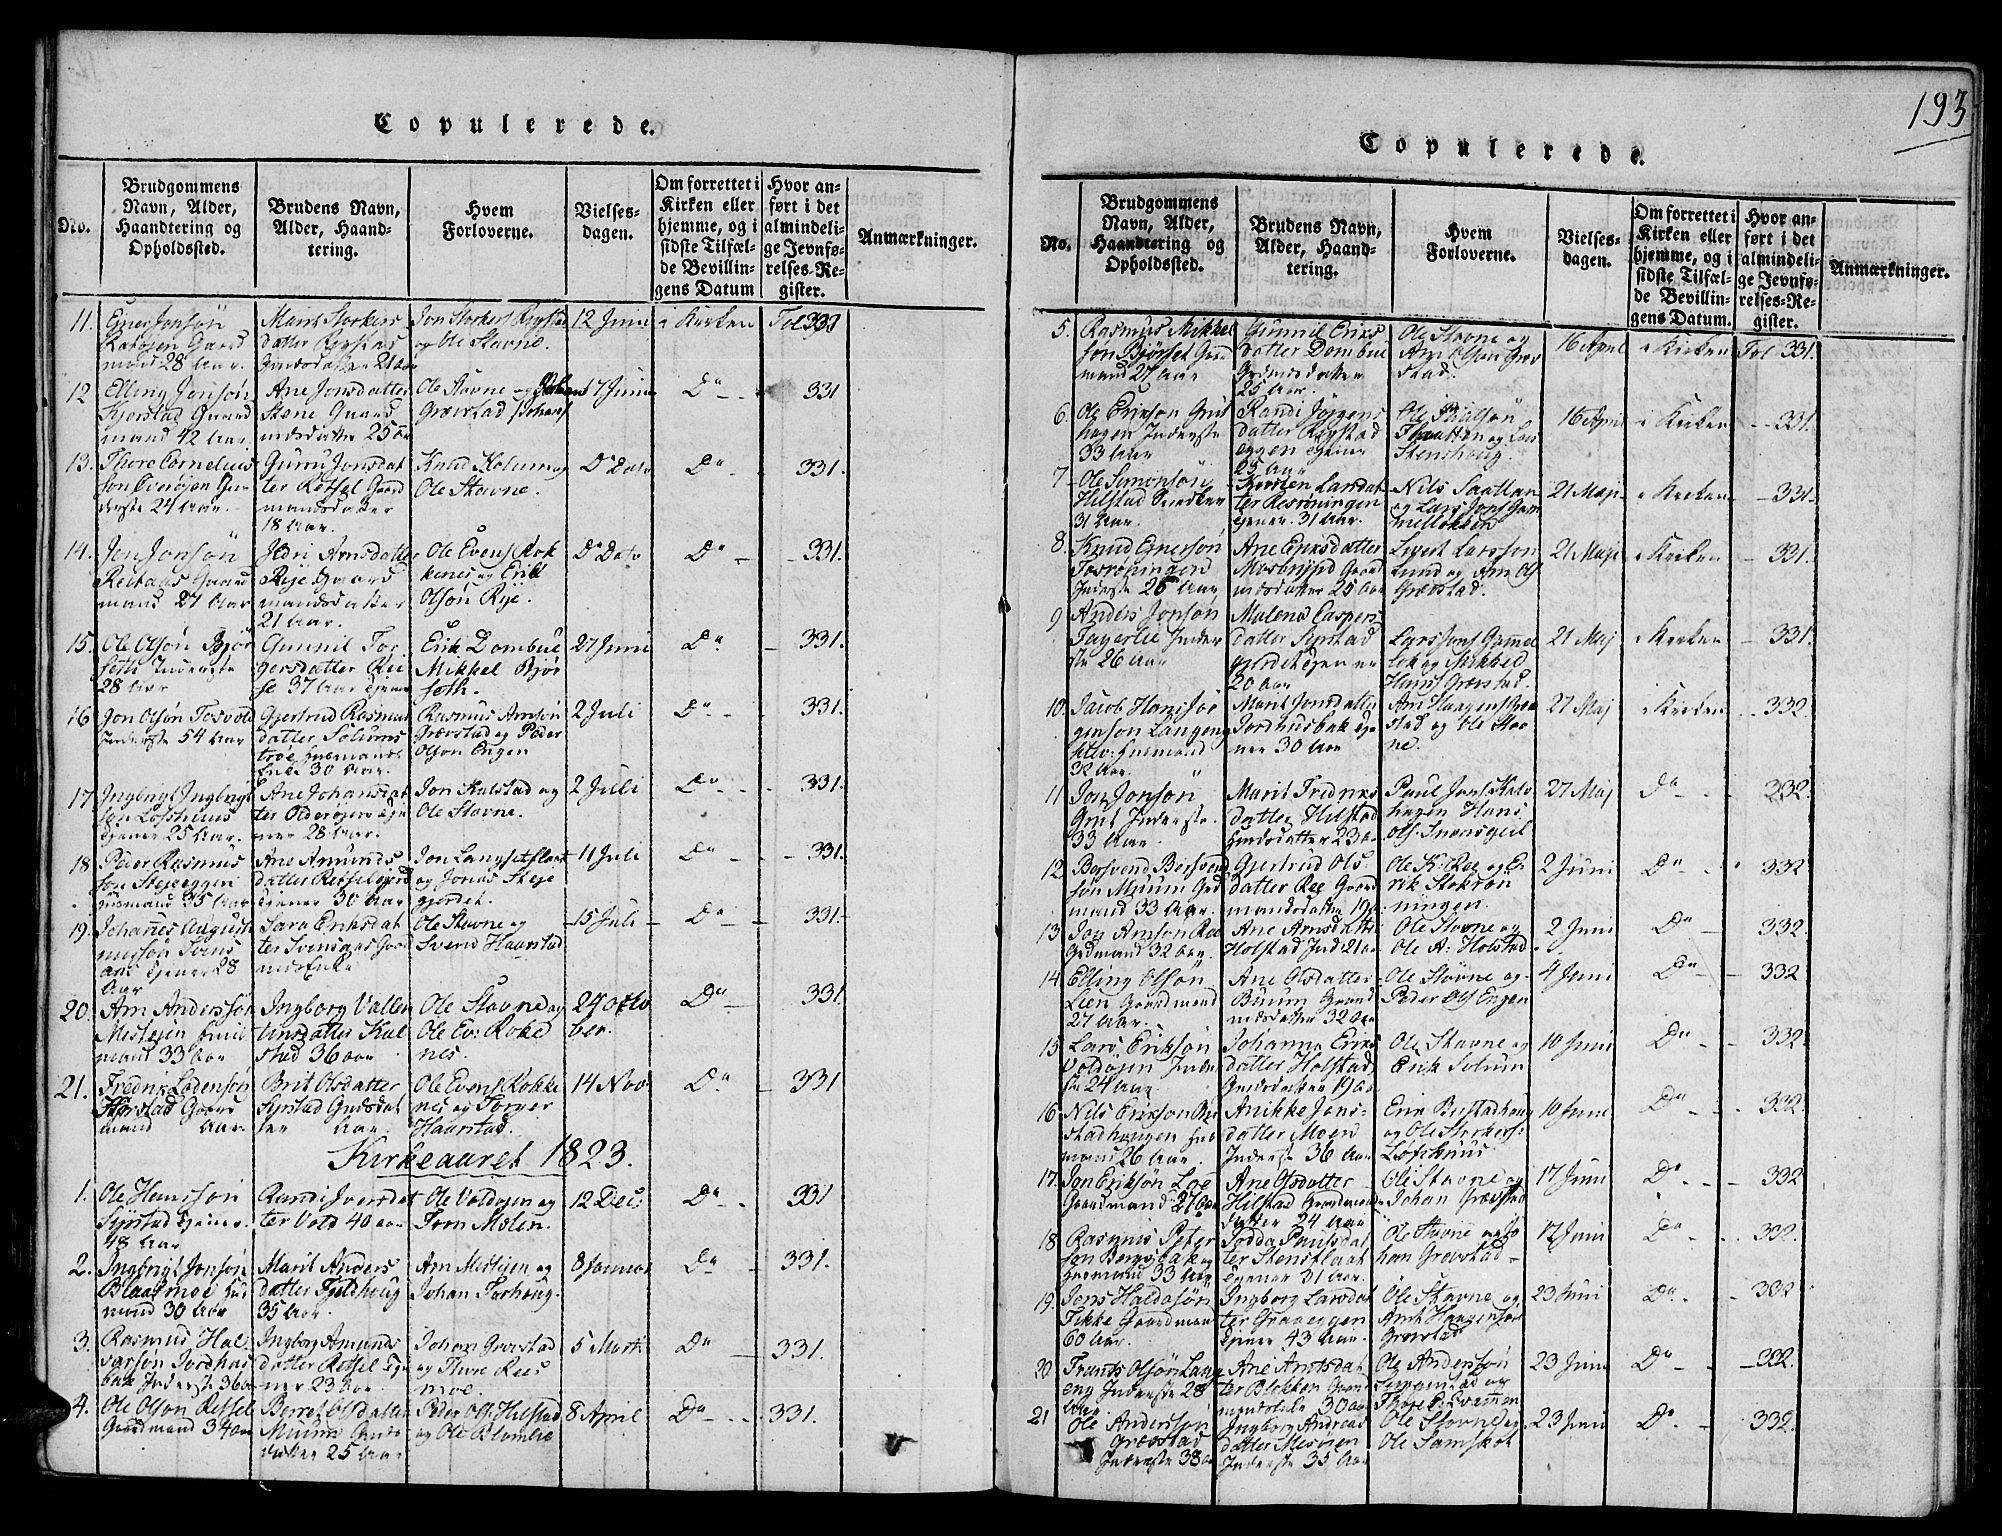 SAT, Ministerialprotokoller, klokkerbøker og fødselsregistre - Sør-Trøndelag, 672/L0853: Ministerialbok nr. 672A06 /1, 1816-1829, s. 193